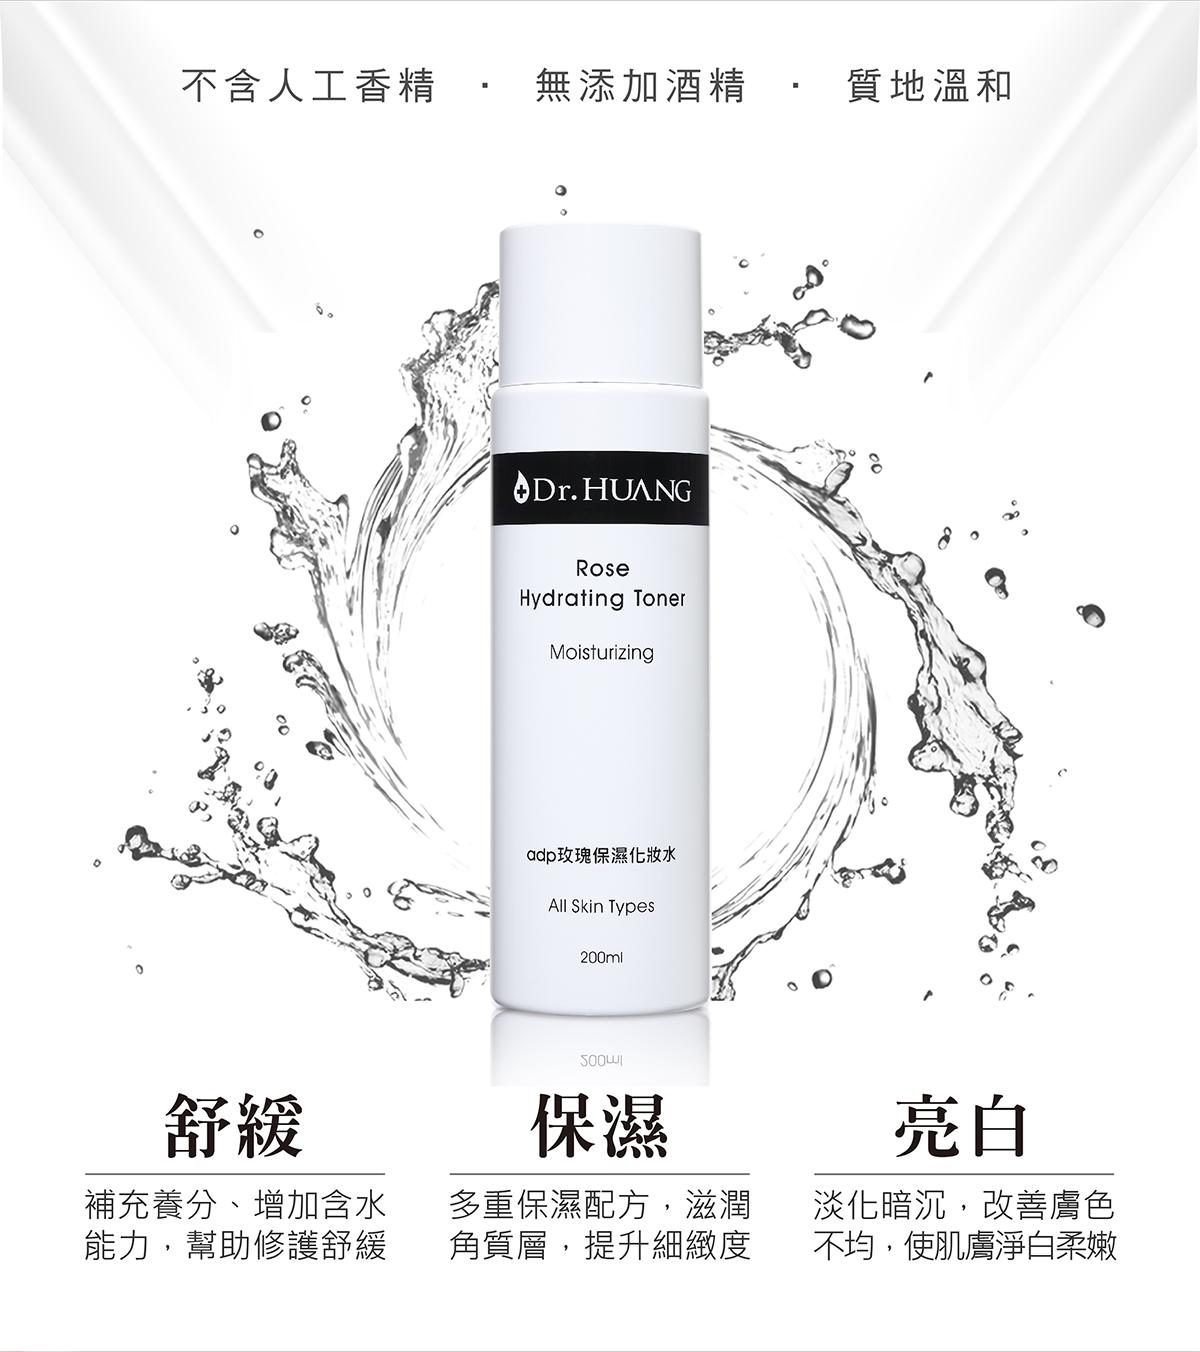 Dr.HUANGadp系列玫瑰保濕化妝水舒緩保濕亮白